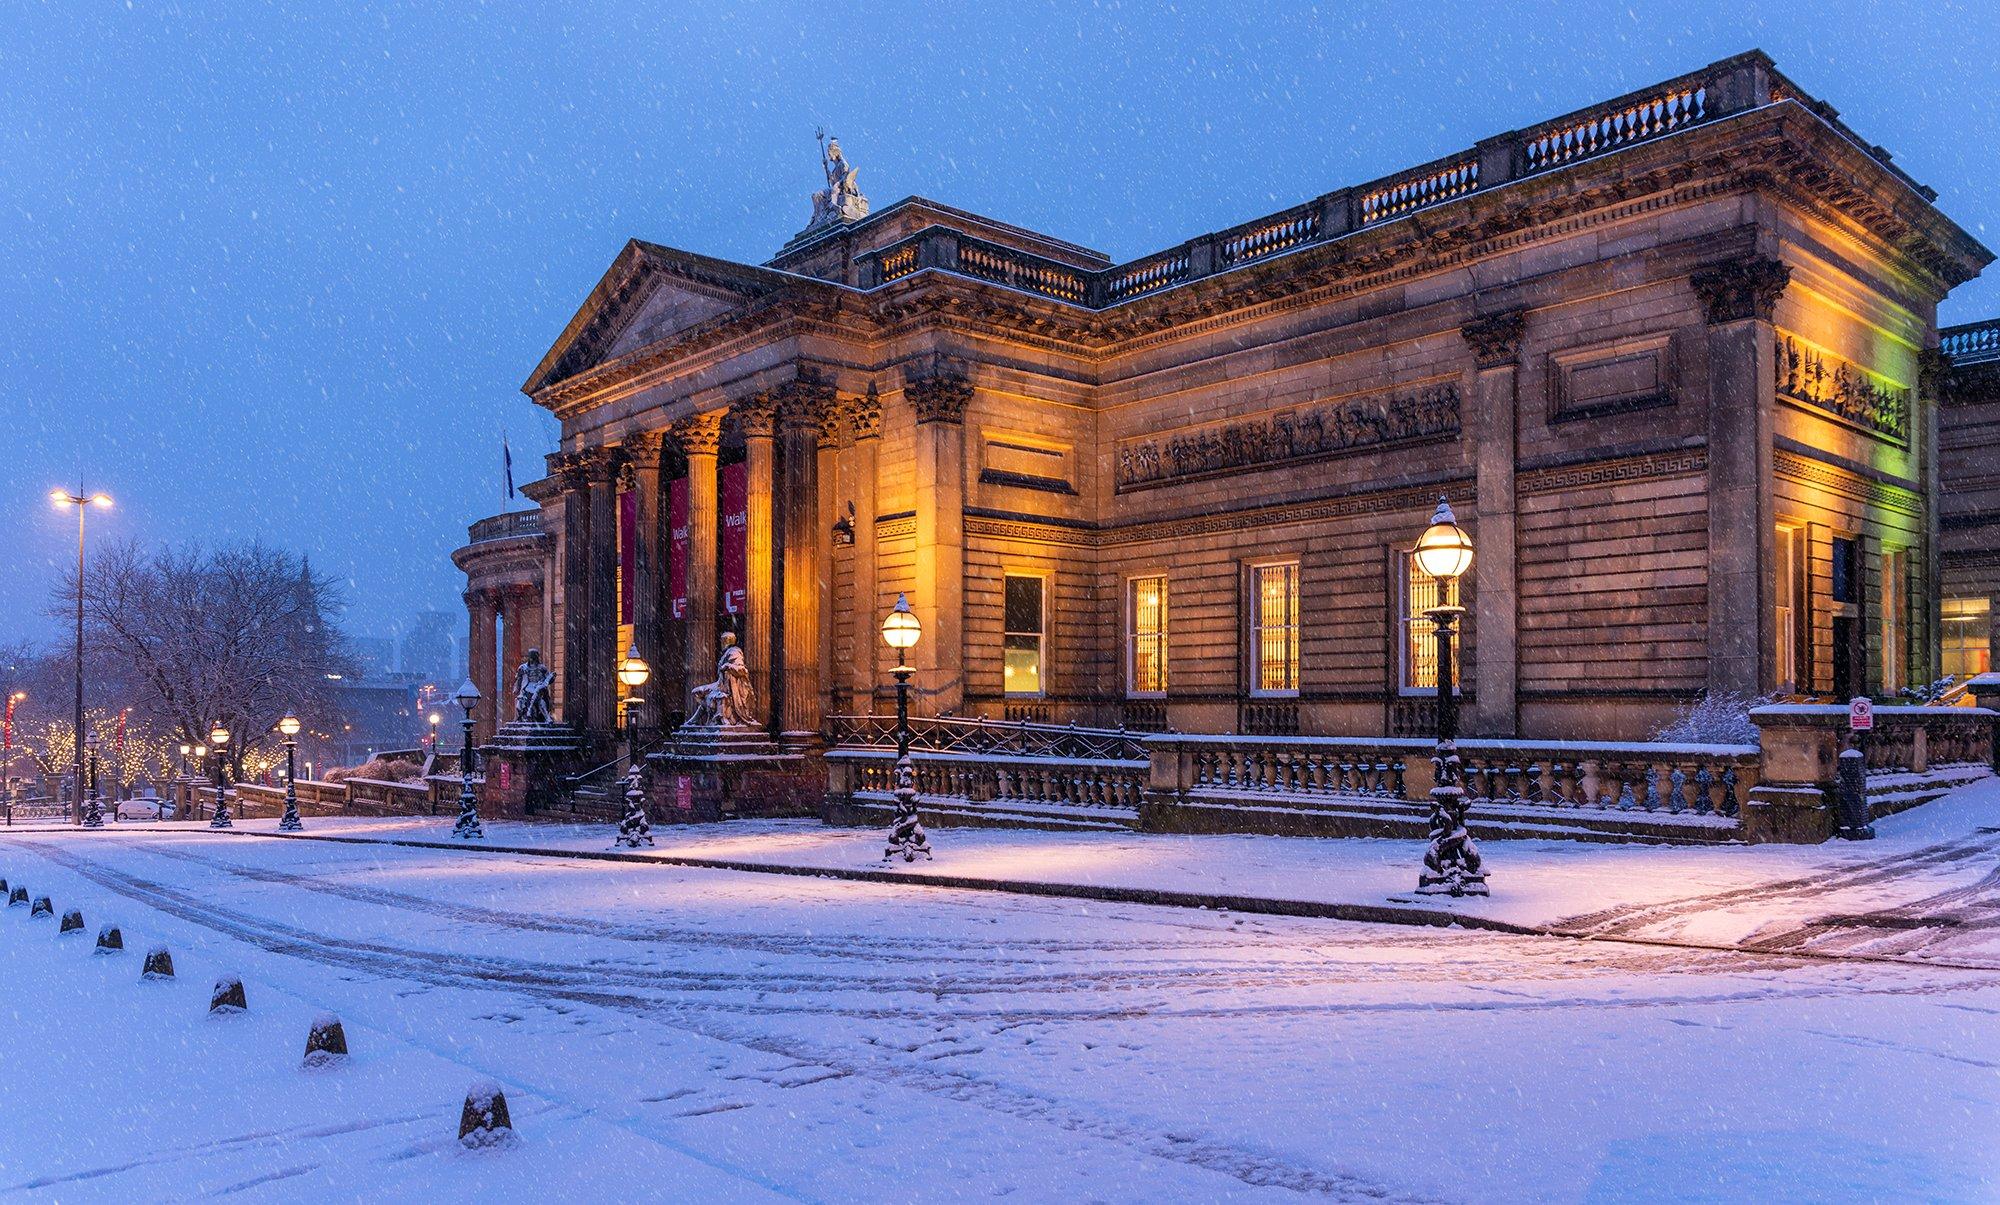 Snowing, Walker Art Gallery, William Brown Street, Liverpool